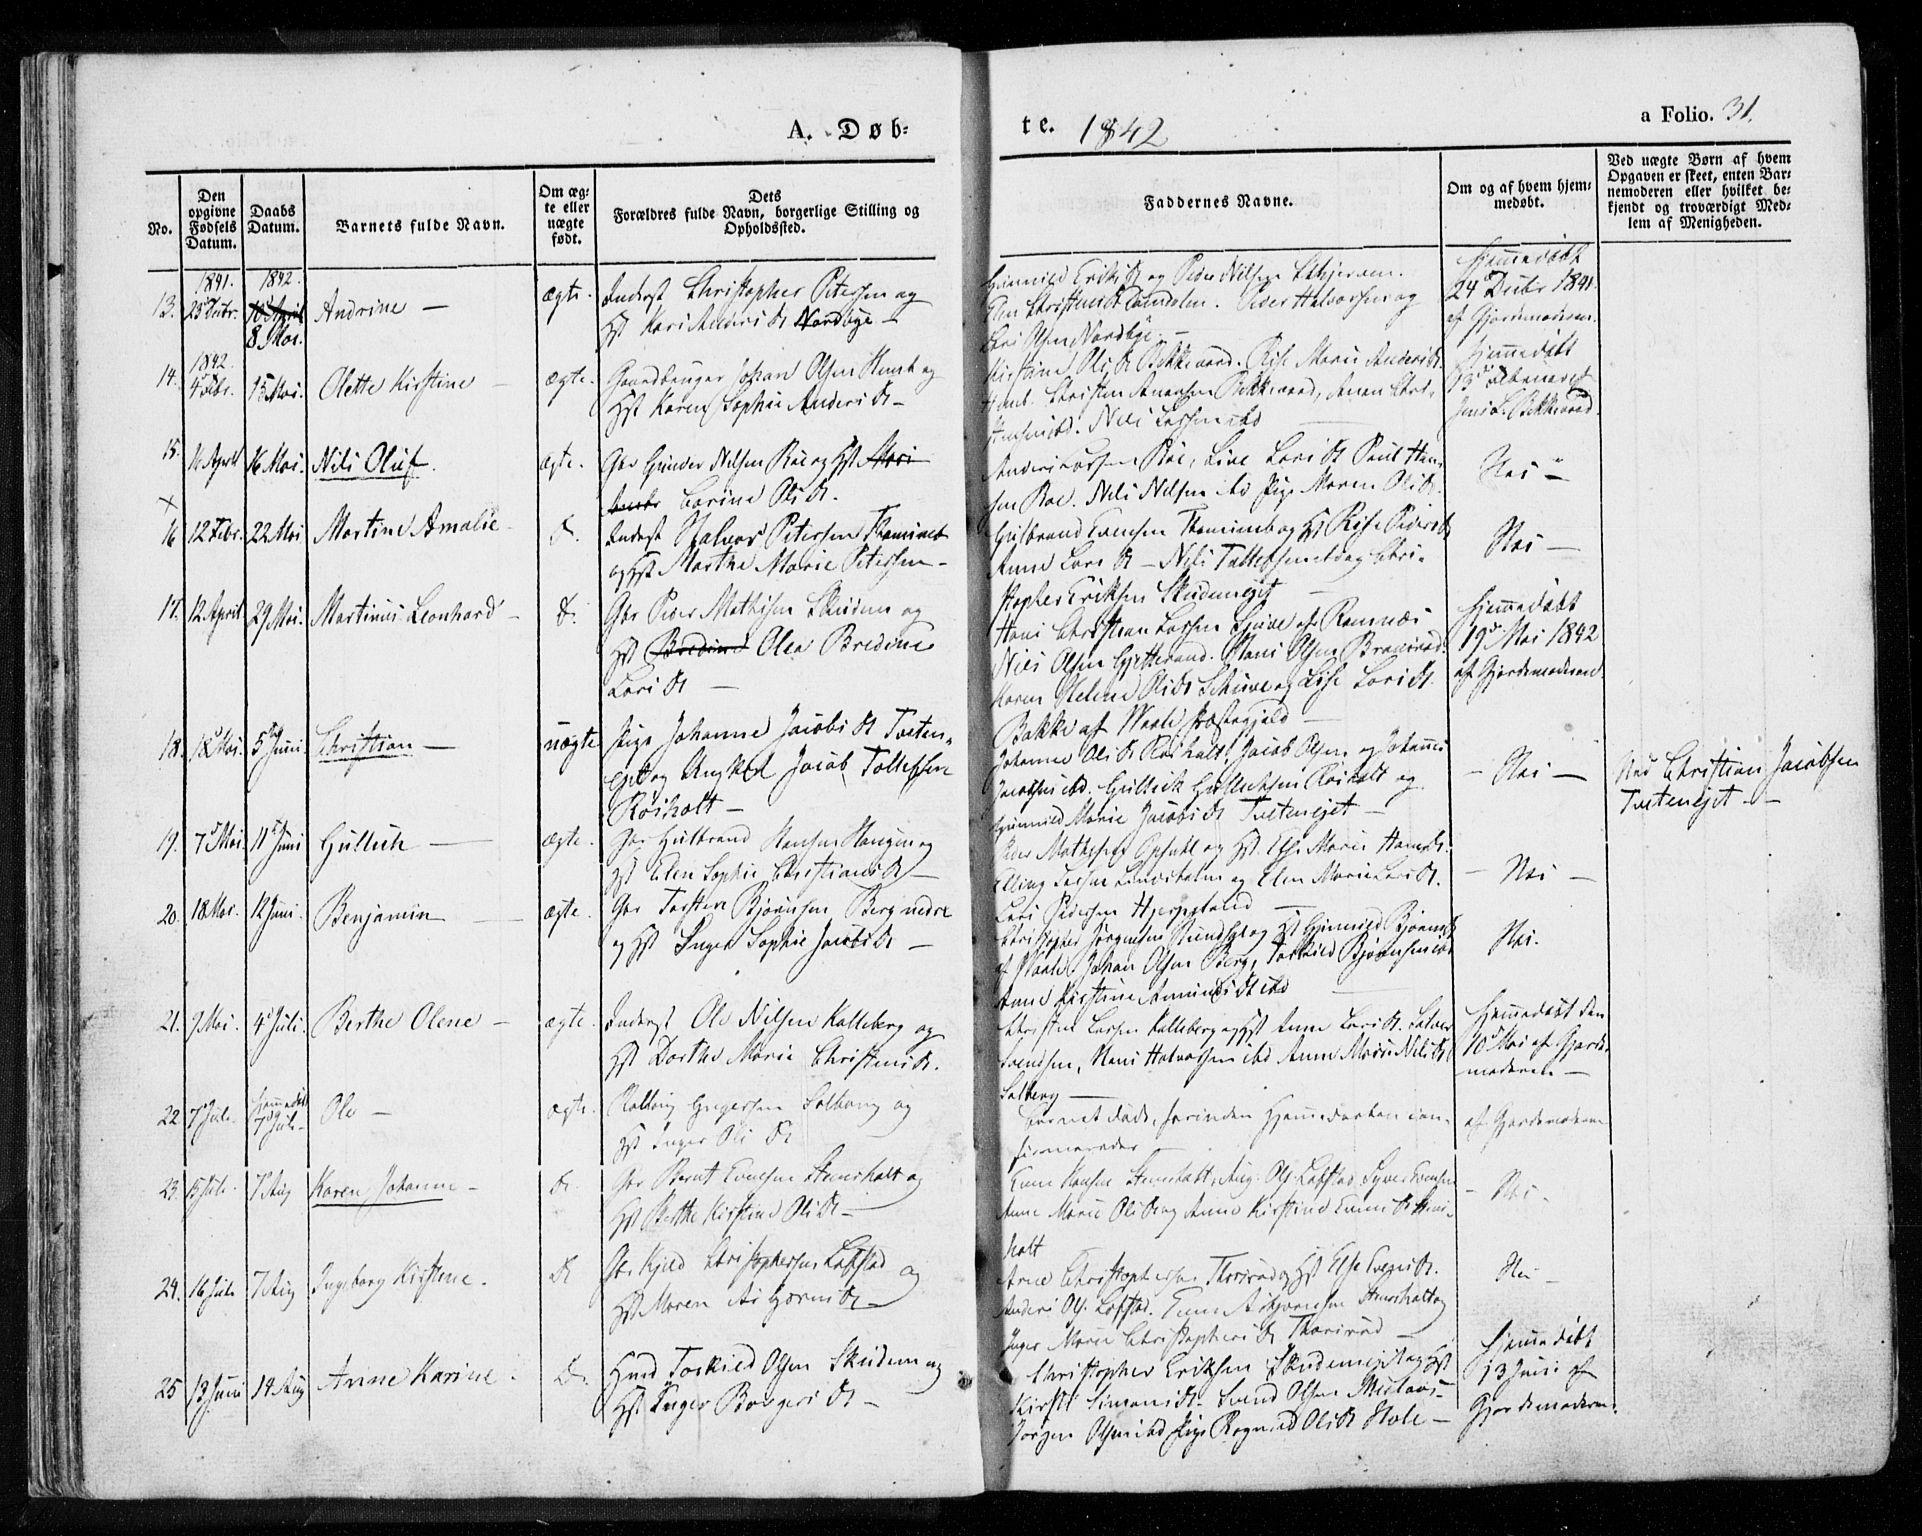 SAKO, Lardal kirkebøker, F/Fa/L0006: Ministerialbok nr. I 6, 1835-1860, s. 31